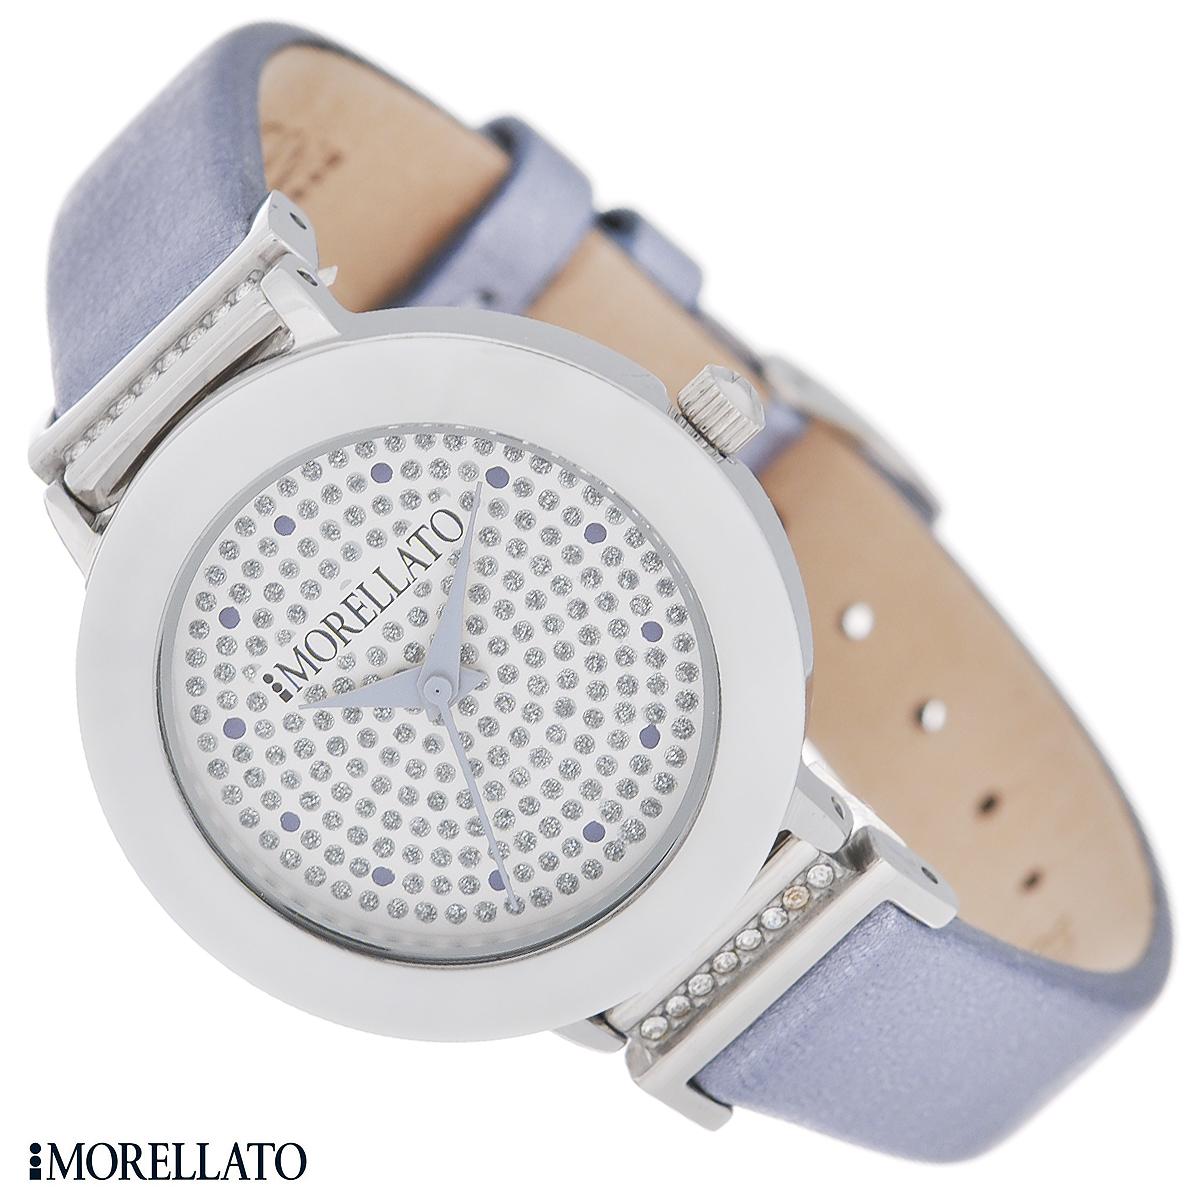 Часы женские наручные Morellato, цвет: сиреневый, белый. R0151103513R0151103513Наручные женские часы Morellato оснащены кварцевым механизмом. Корпус выполнен из высококачественной нержавеющей стали и по контуру циферблата оформлен керамической вставкой. Циферблат без отметок украшен кристаллами и защищен минеральным стеклом. Часы имеют три стрелки - часовую, минутную и секундную. Ремешок часов выполнен из натуральной кожи с металлизированным эффектом и оснащен классической застежкой. Часы укомплектованы паспортом с подробной инструкцией. Часы Morellato отличаются уникальным, но в то же время простым и лаконичным стилем. Характеристики: Диаметр циферблата: 2,3 см. Размер корпуса: 3 см х 3 см х 0,6 см. Длина ремешка (с корпусом): 21,5 см. Ширина ремешка: 1,2 см.